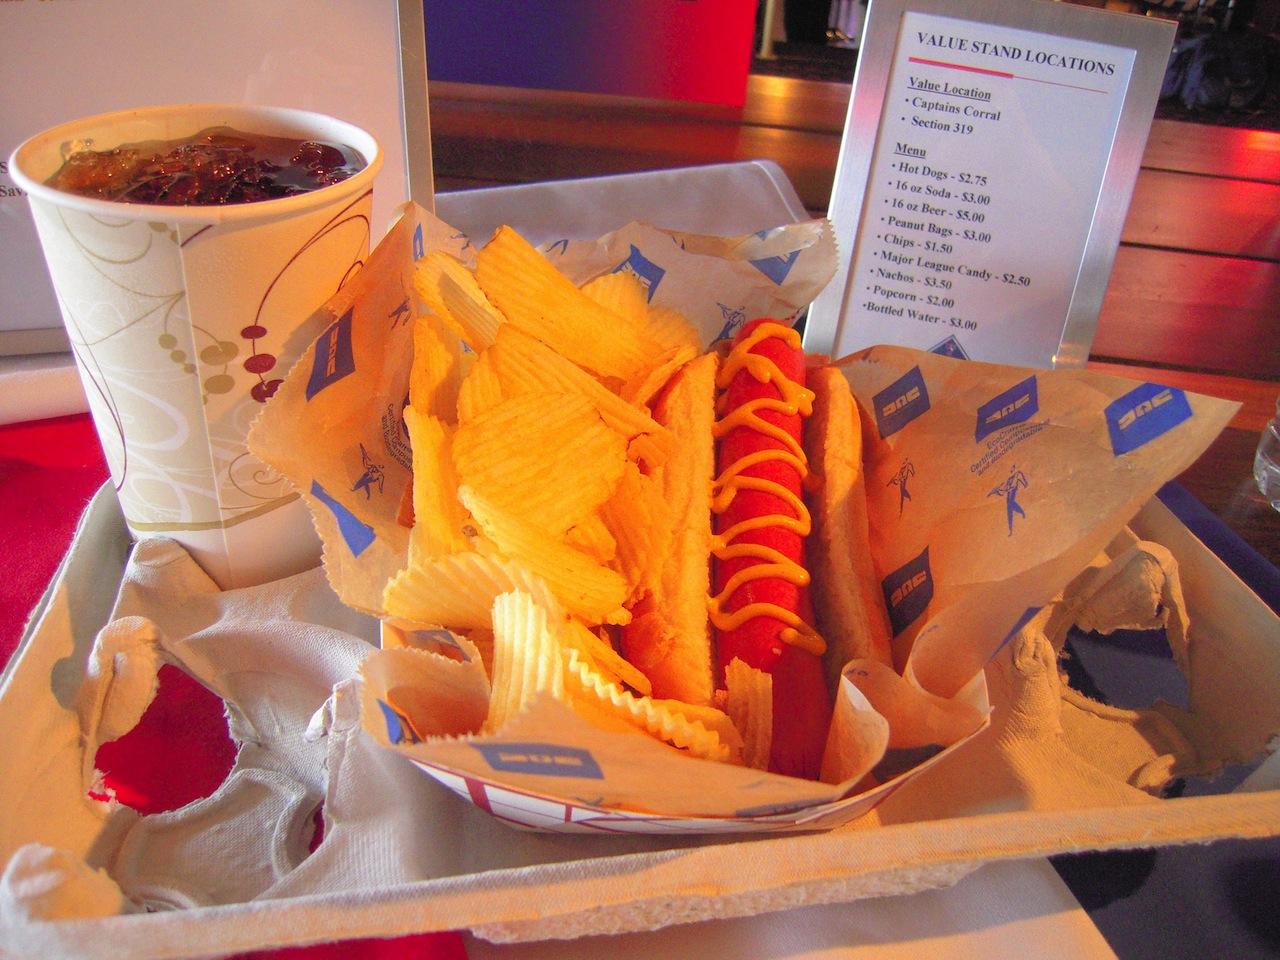 hotdog and chips plate at baseball game